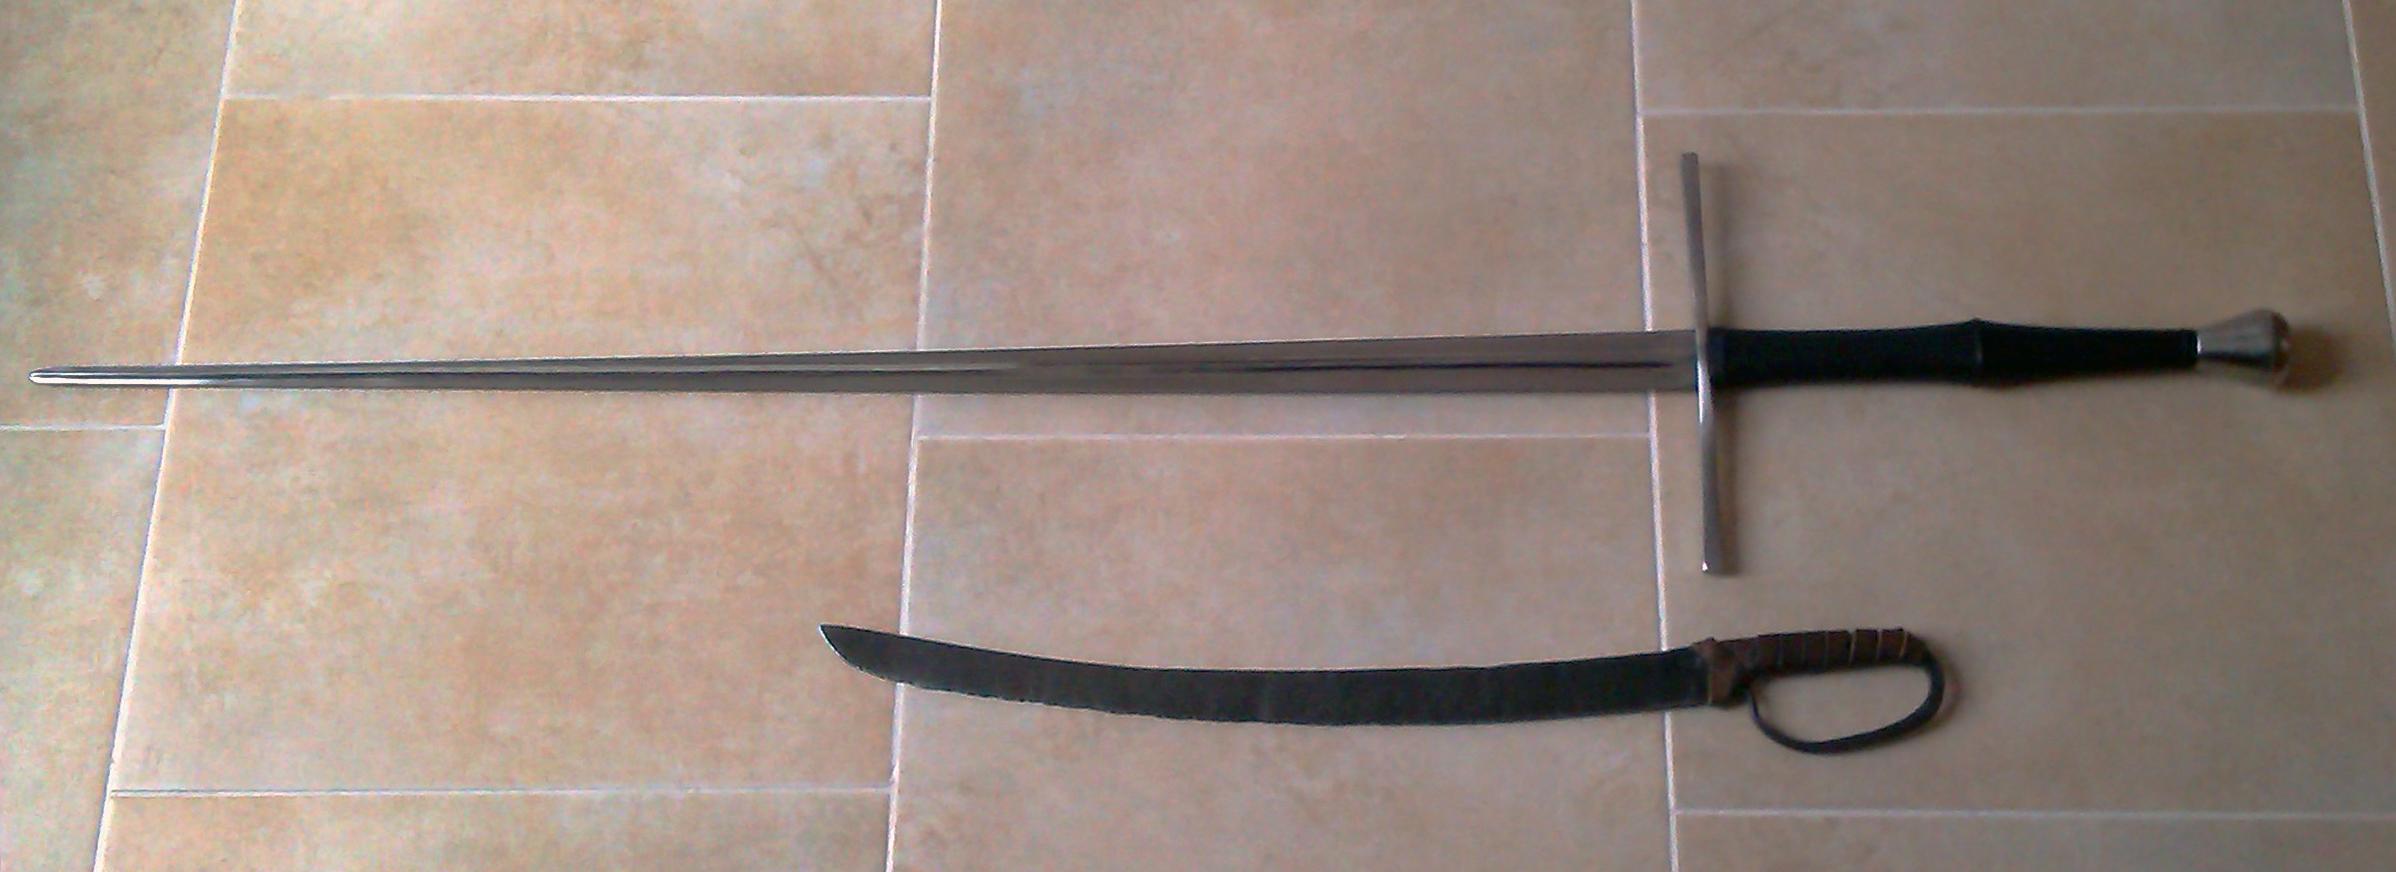 Dogynove základné info o zbraniach, časť prvá: Anatómia meča.